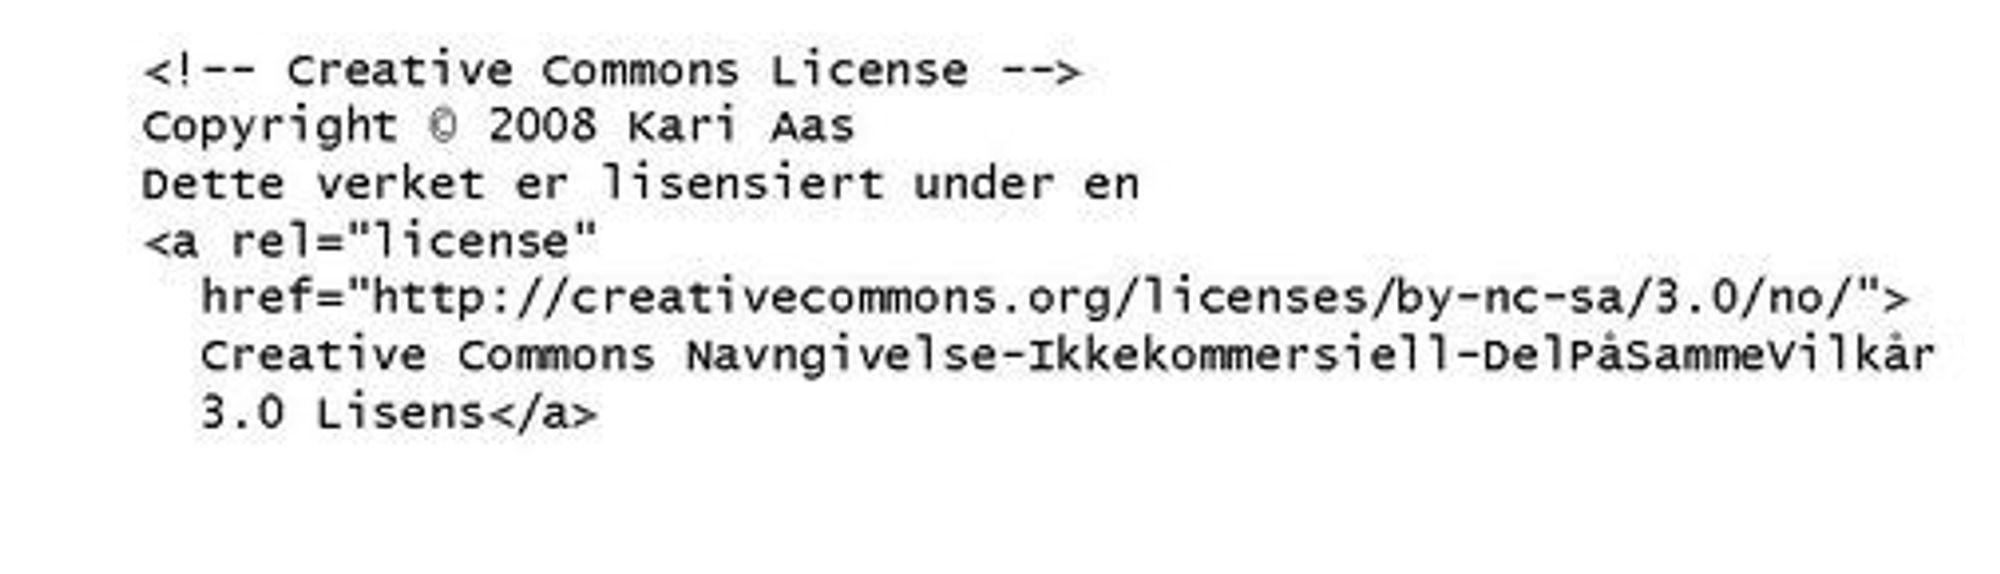 """Lisensgeneratoren på CreativeCommons.no genererer automatisk en lenke som kan brukes. Legg merke til rel=""""license""""-taggen. Den gjør det mulig for såkemotorer å finne CC-lisensiert innhold."""